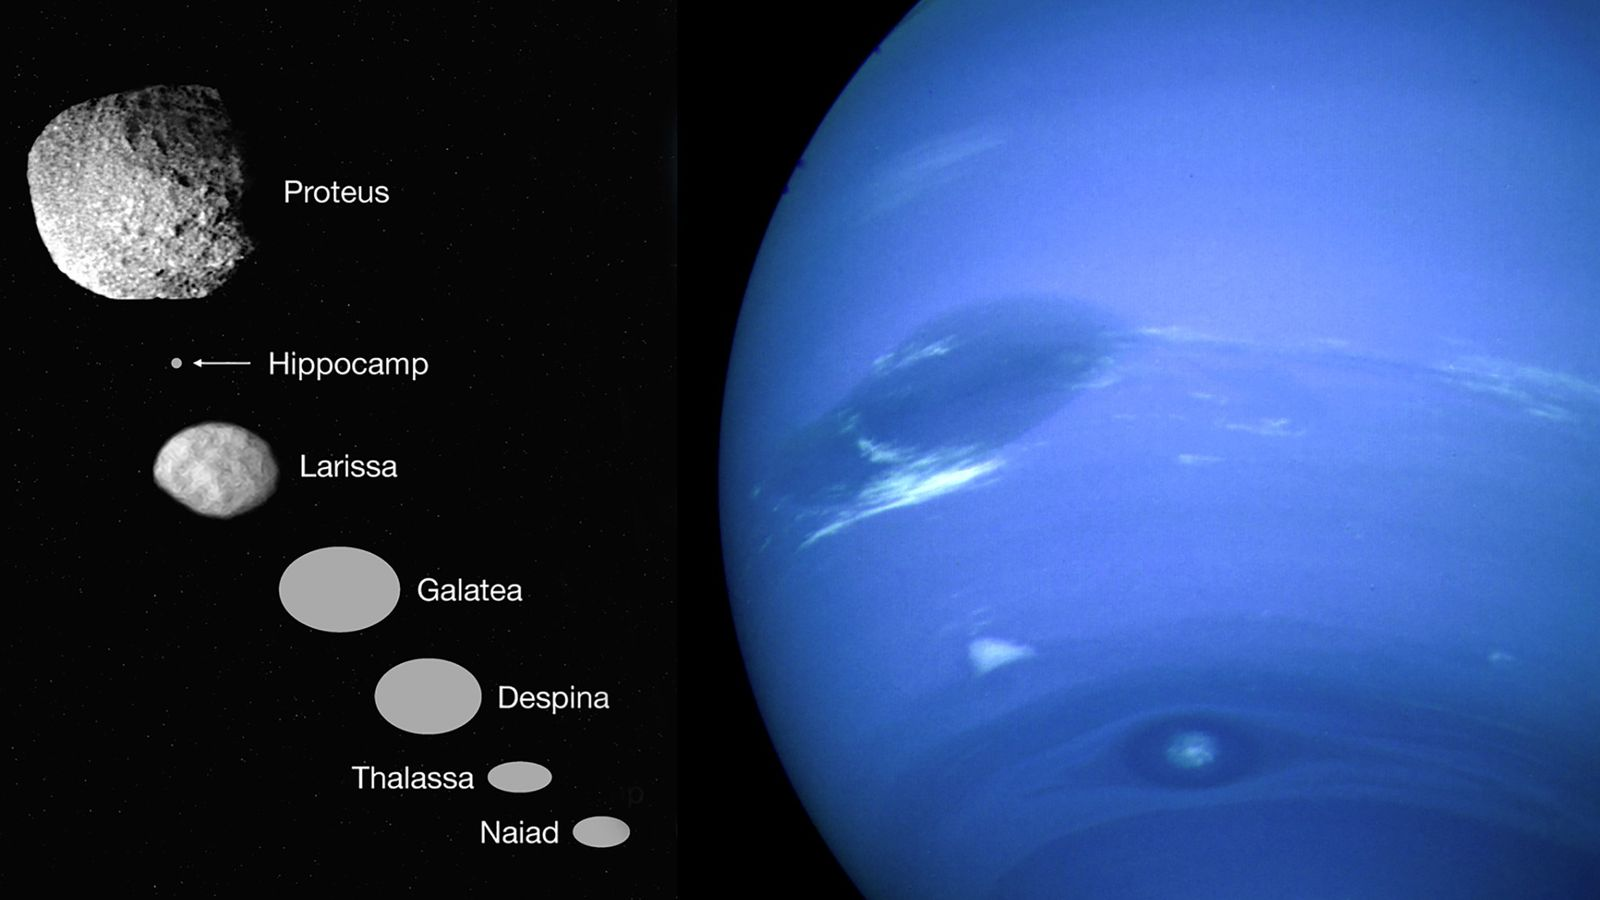 En 1989, el Voyager 2 voló a Neptuno, a la derecha, y vio seis pequeñas lunas ...